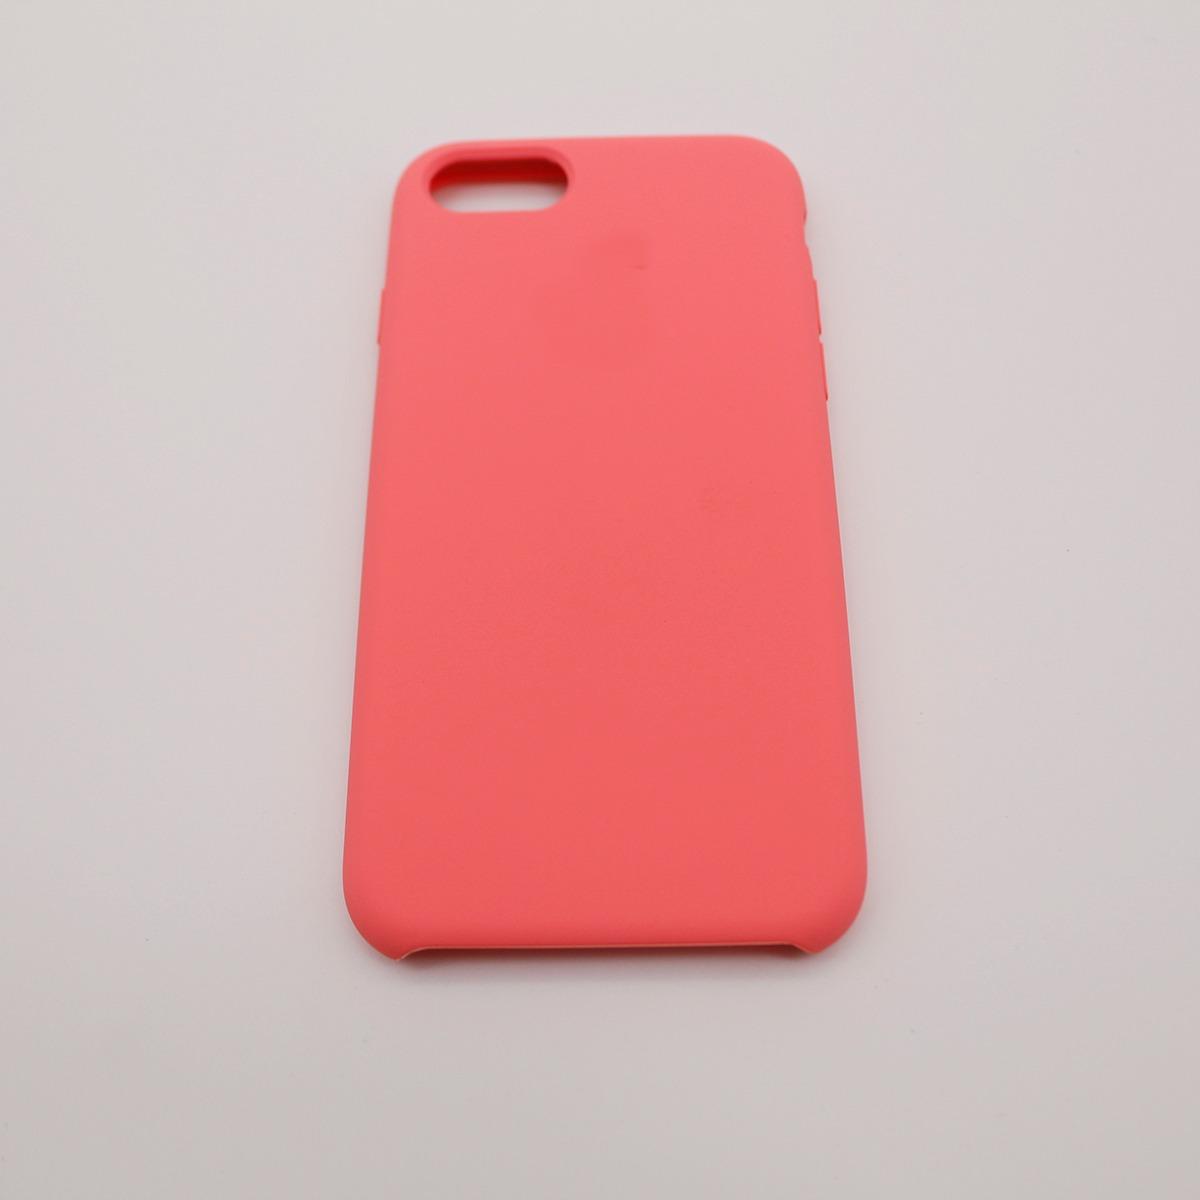 爱沃液态硅胶手机壳厂家,批量生产液态硅胶手机壳,适用新款苹果手机,华为手机